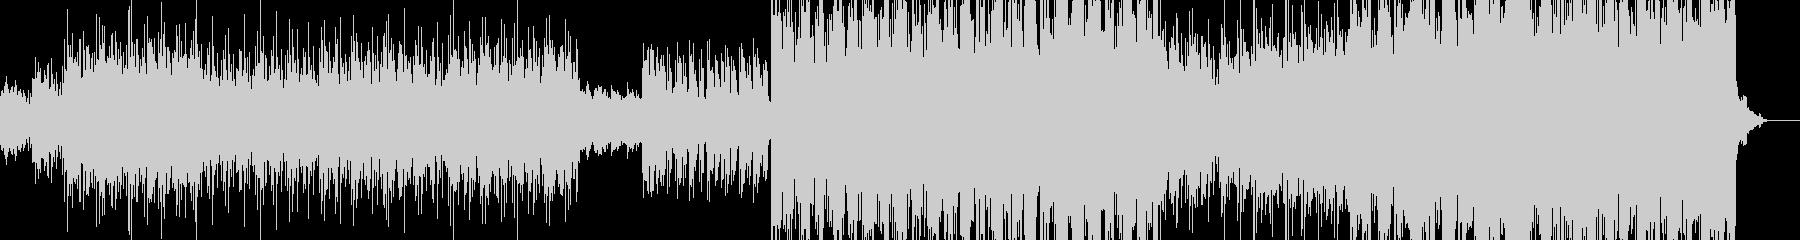 エスニック風エレクトロポップの未再生の波形